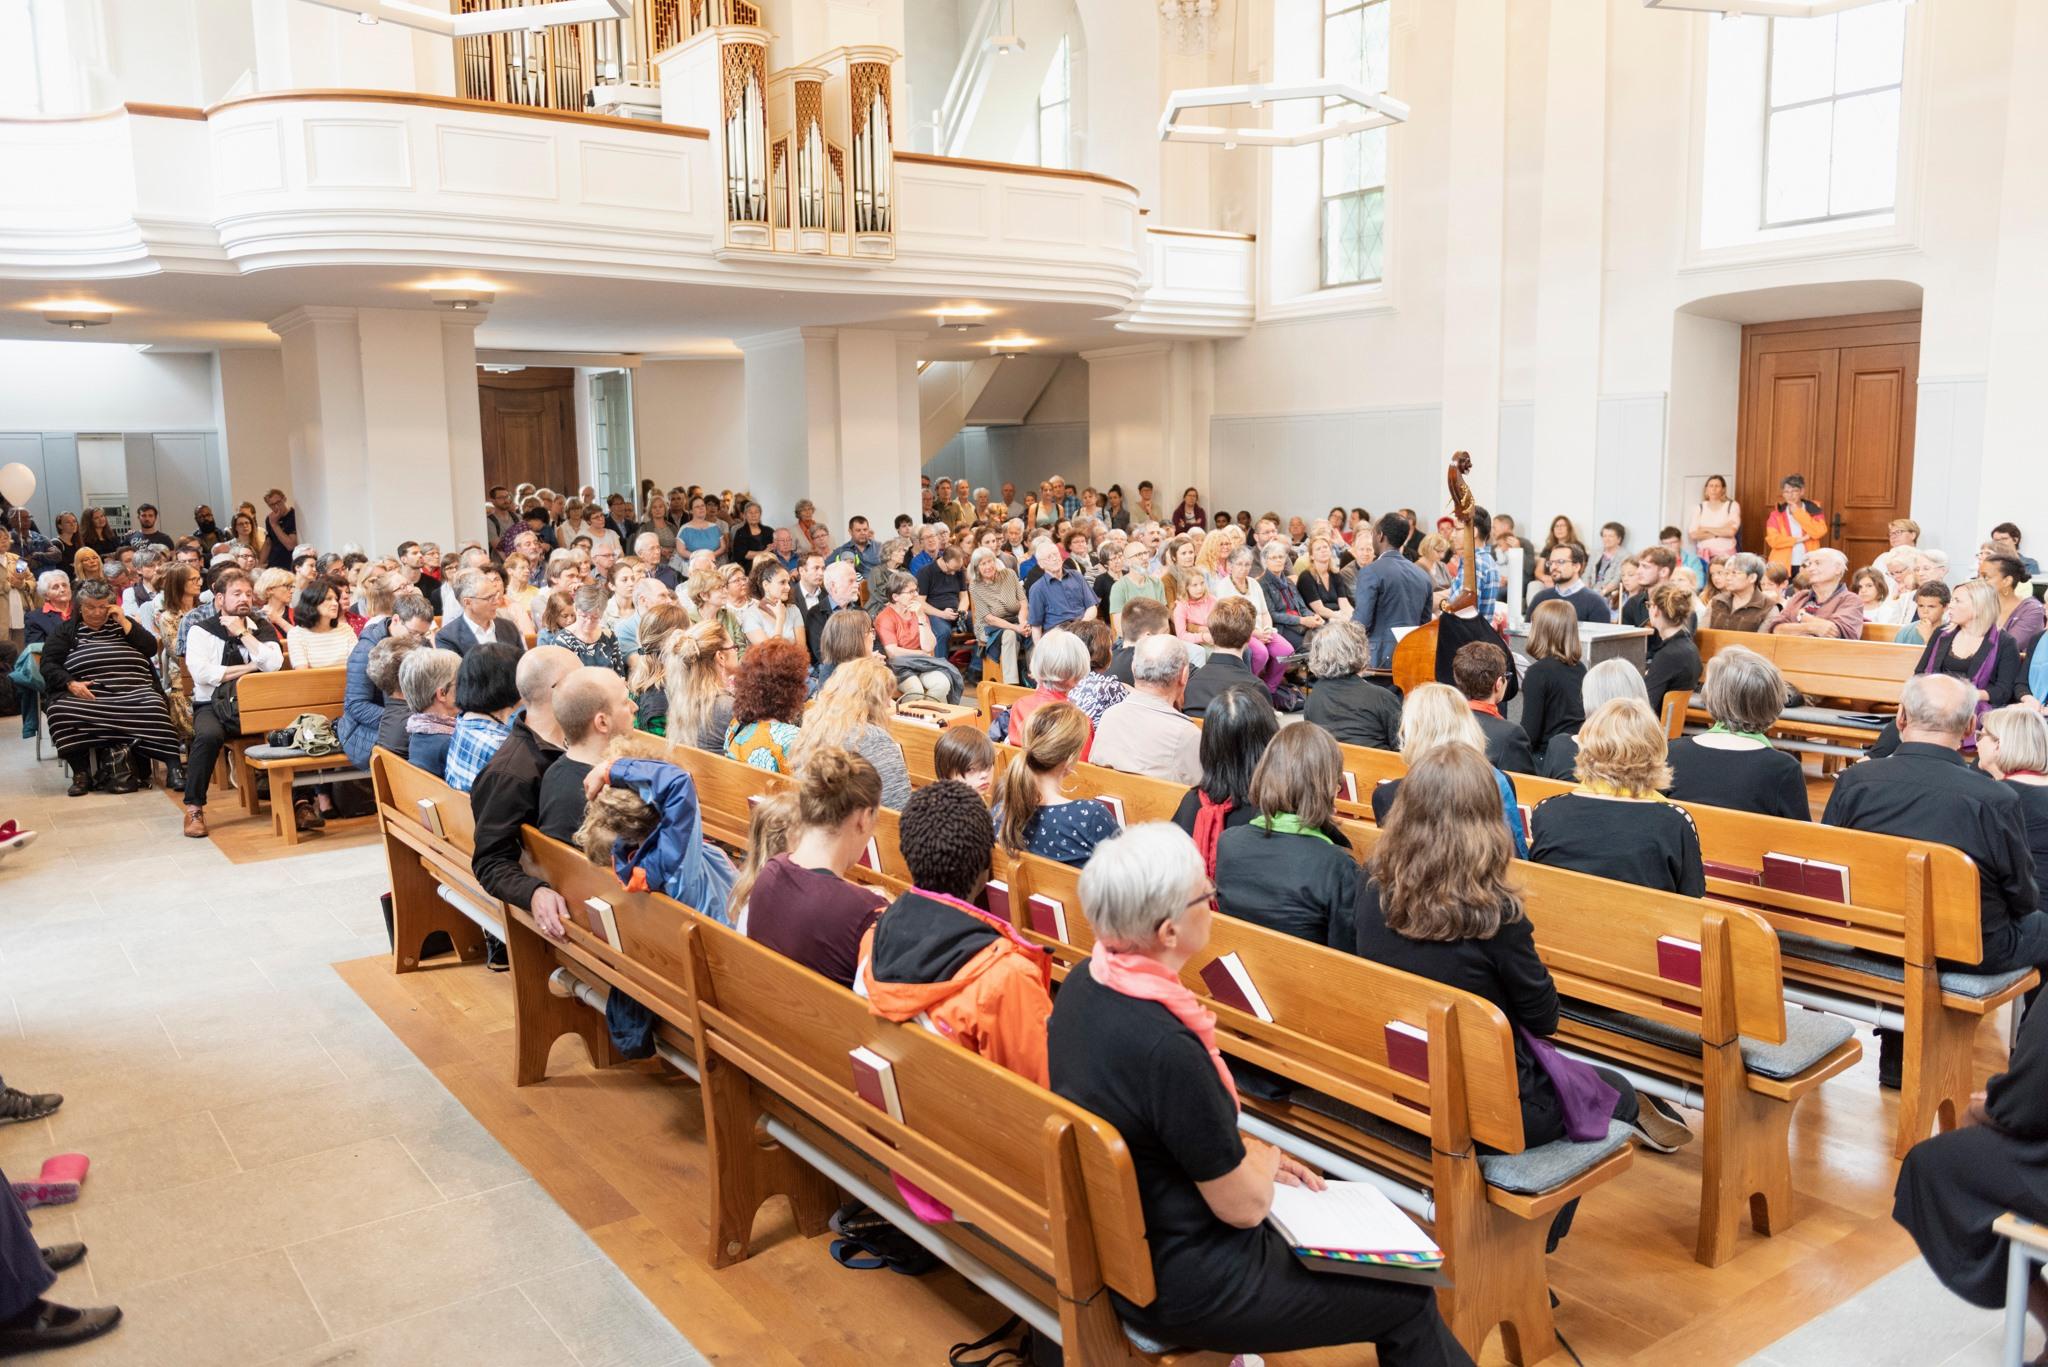 Volle Kirche_Werner Rolli